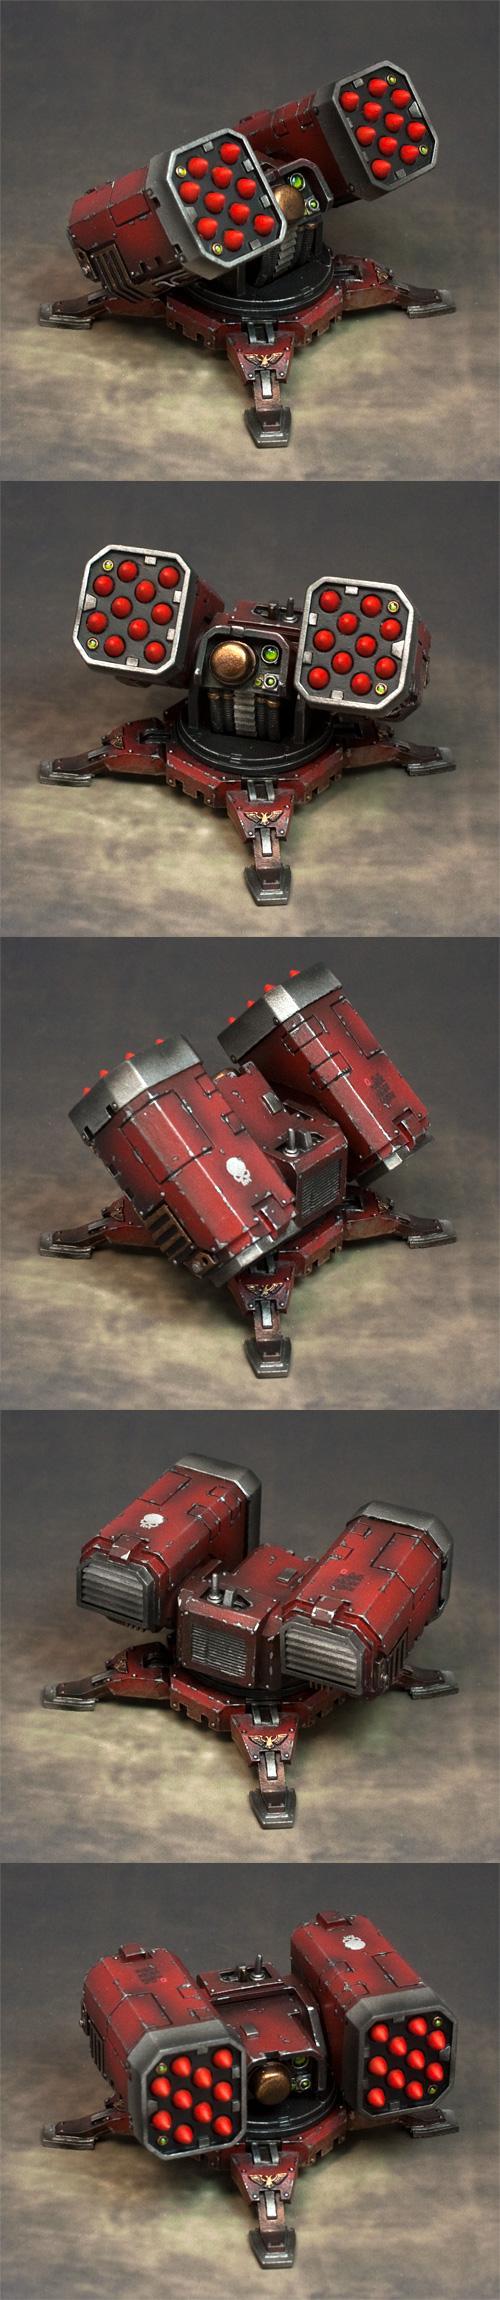 Forge World, Missile Launcher, Platform, Turret